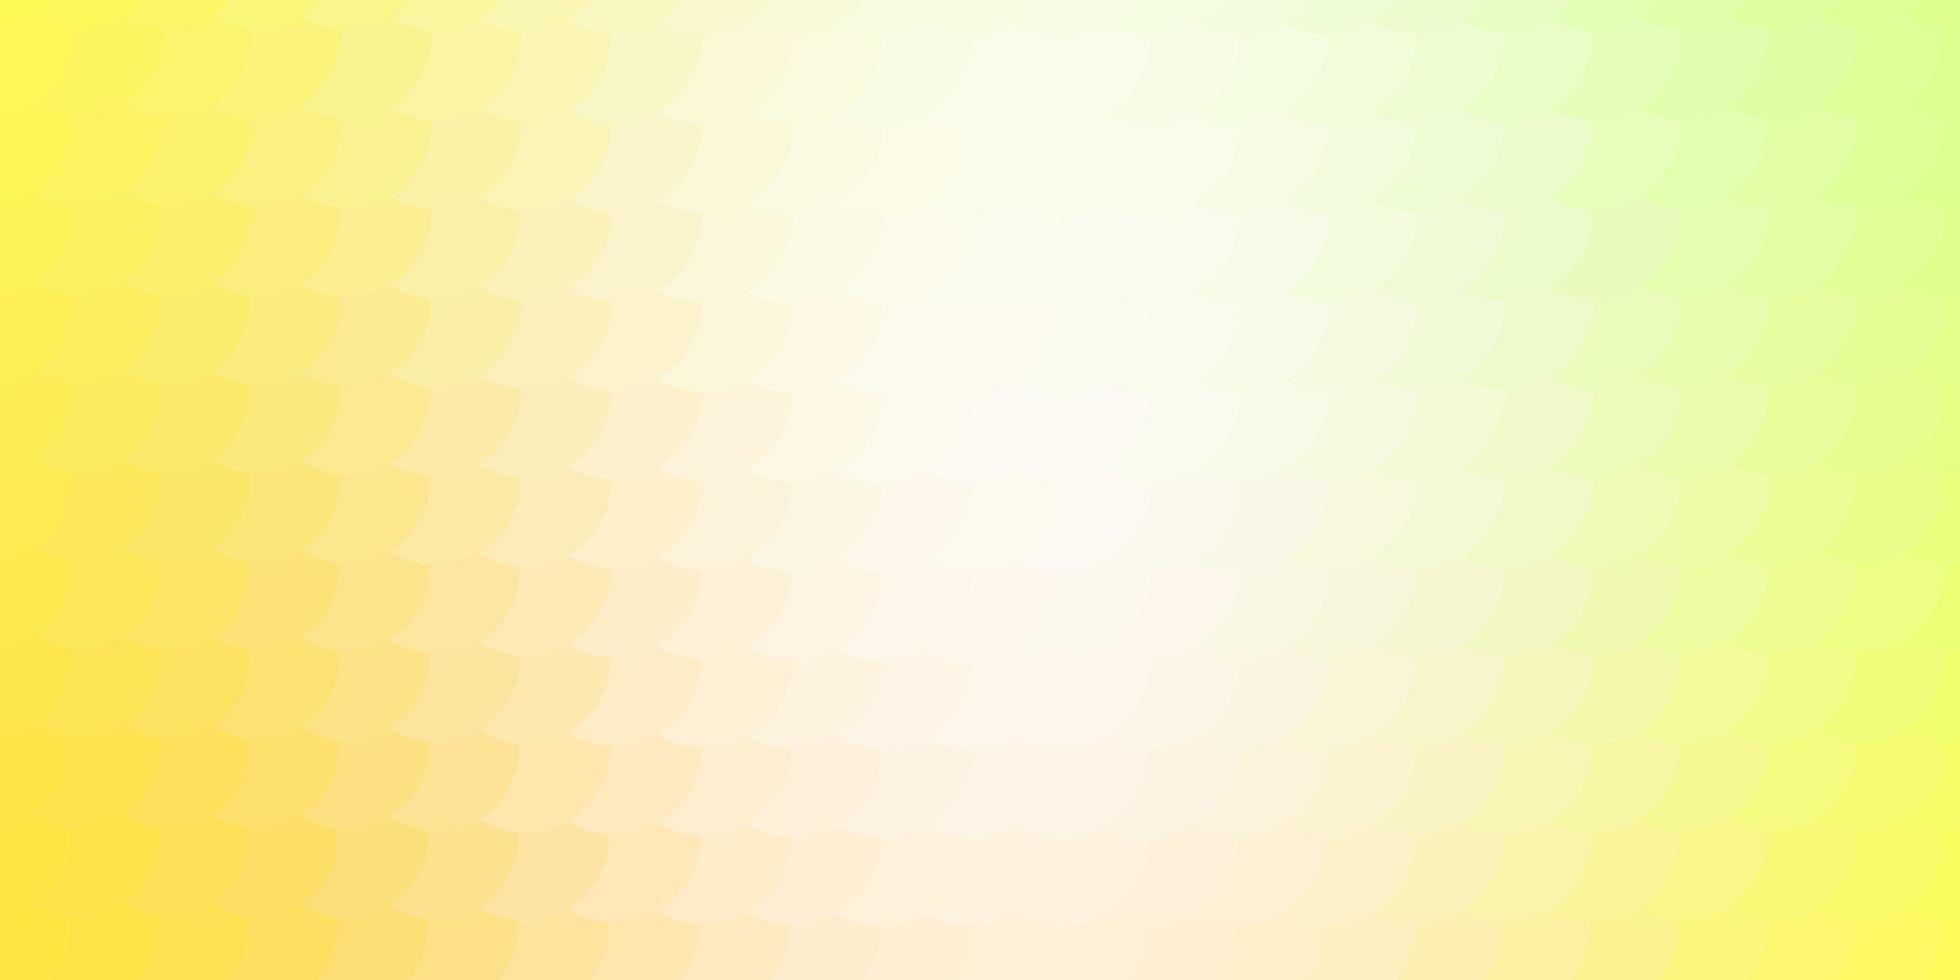 texture vert clair et jaune avec des cercles. vecteur